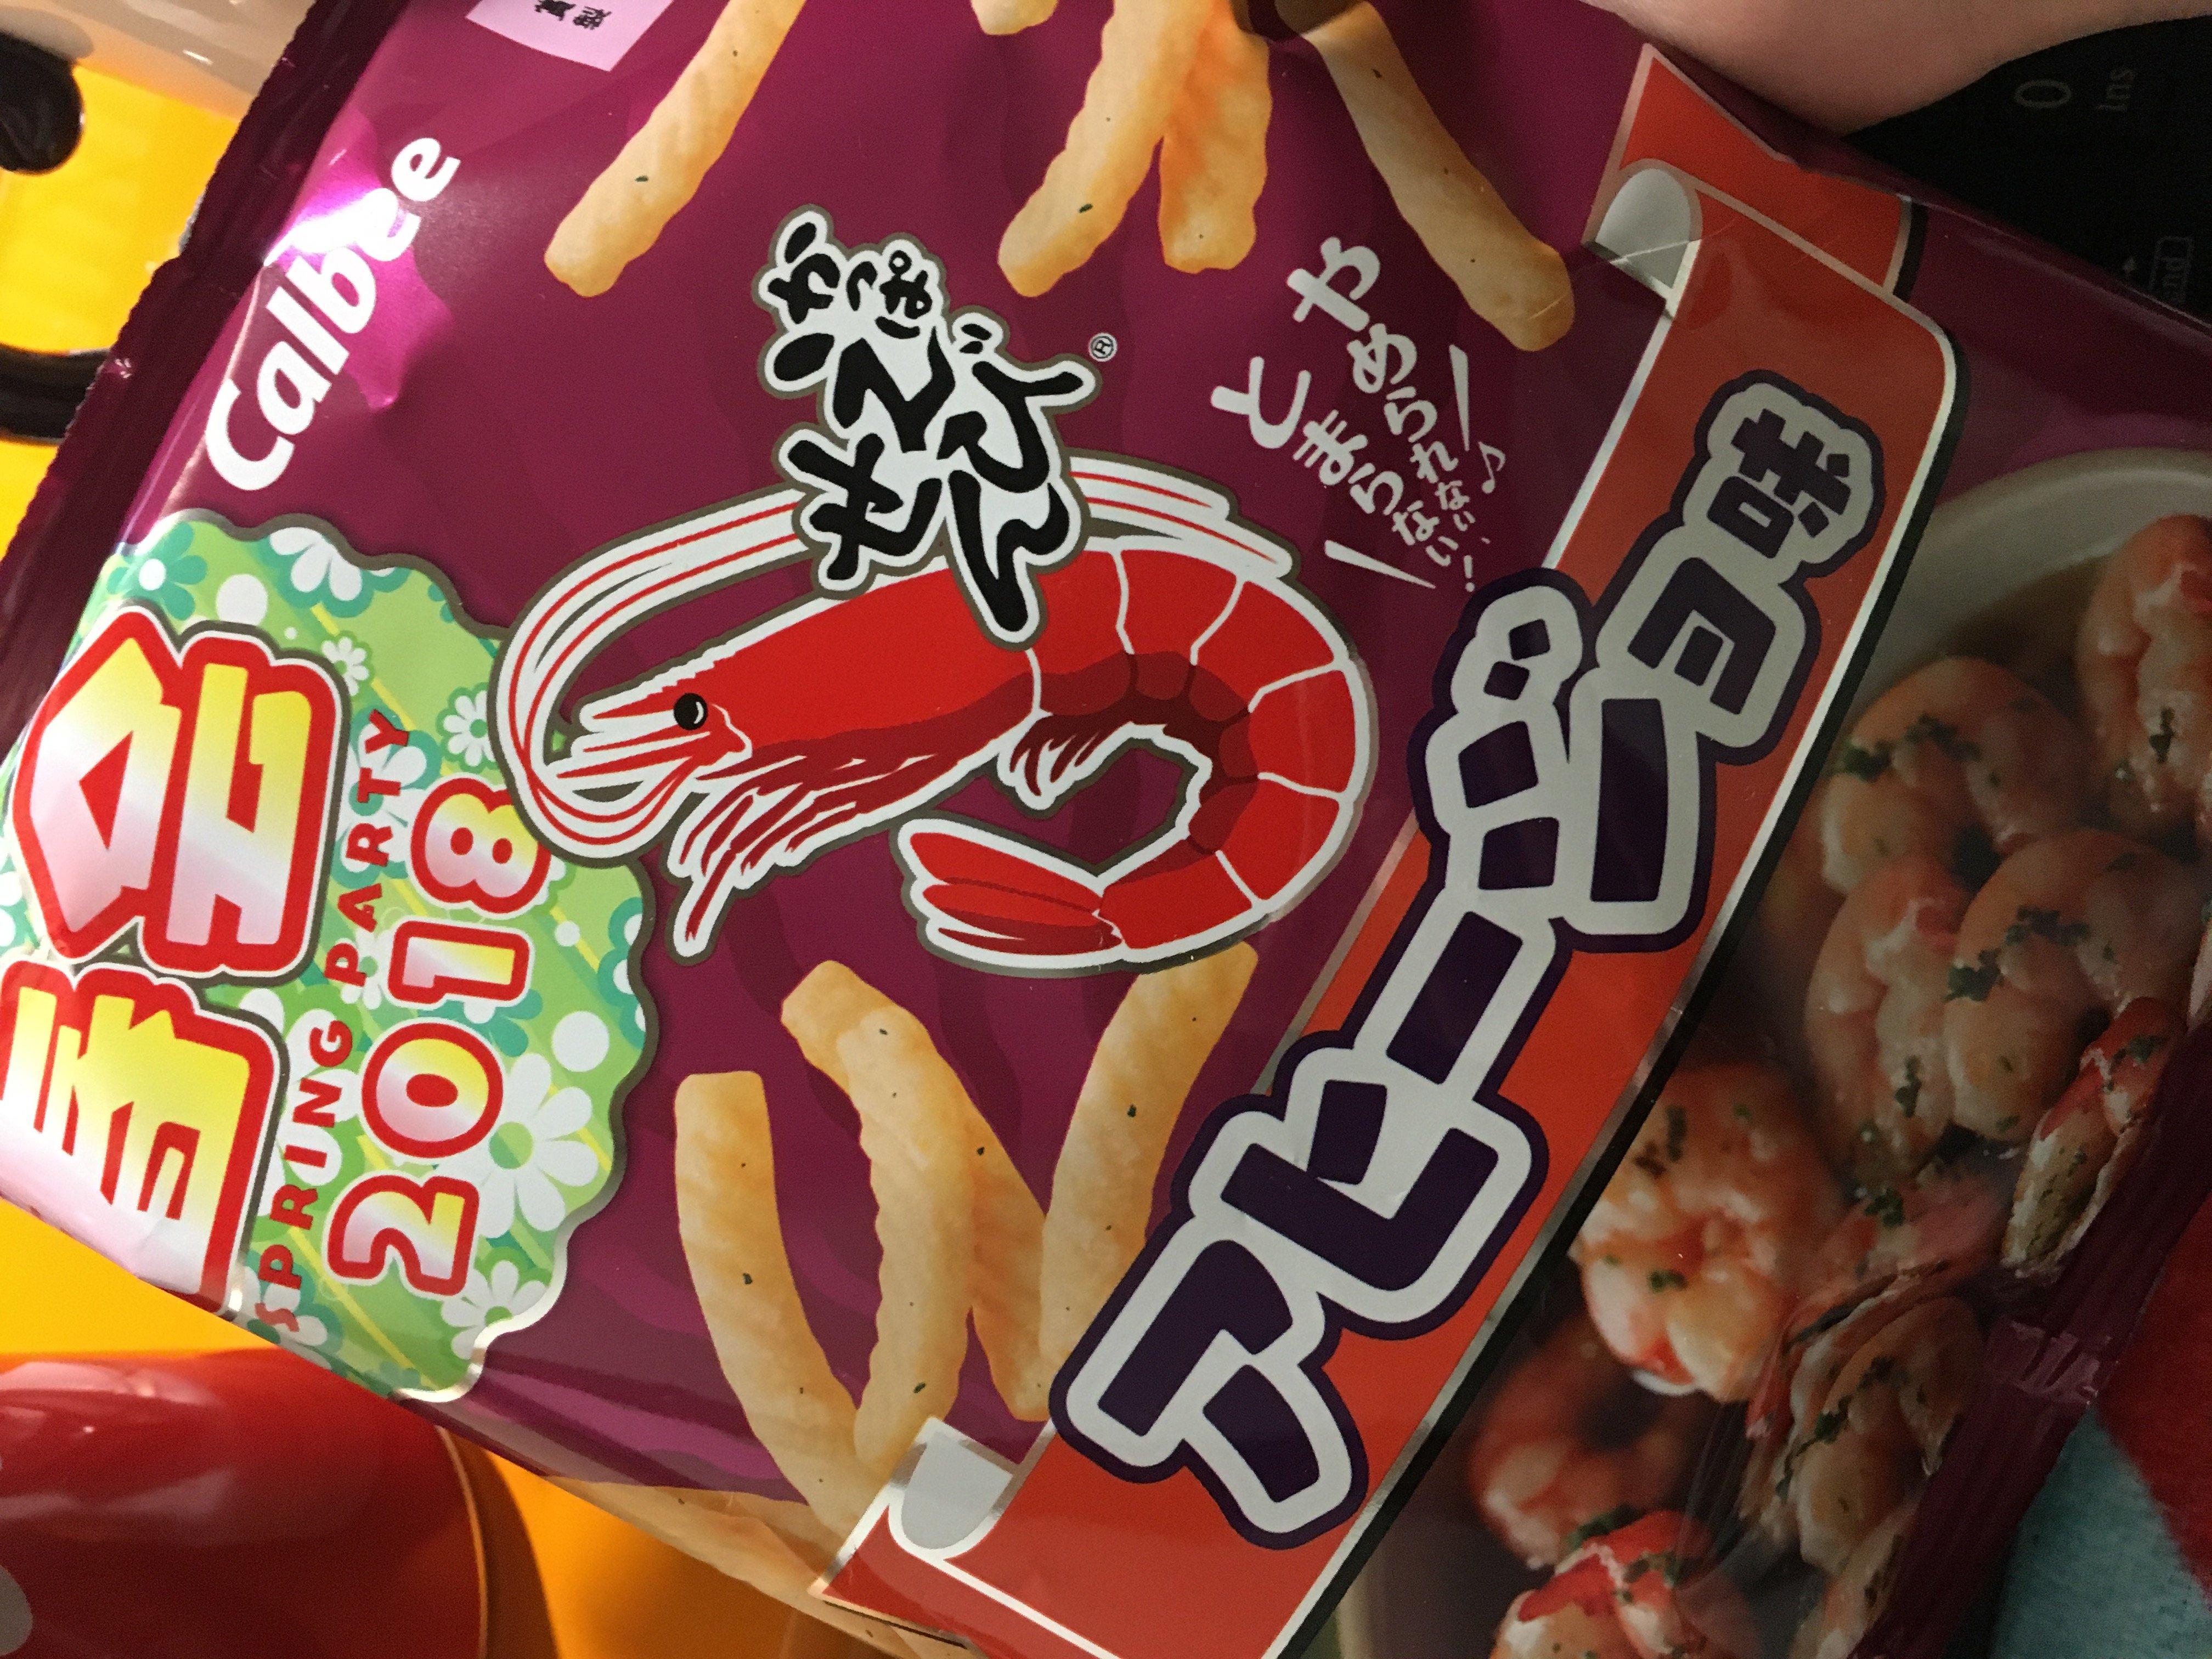 アヒージョ味のかっぱえびせん貰った〜!絶対美味しい!!!